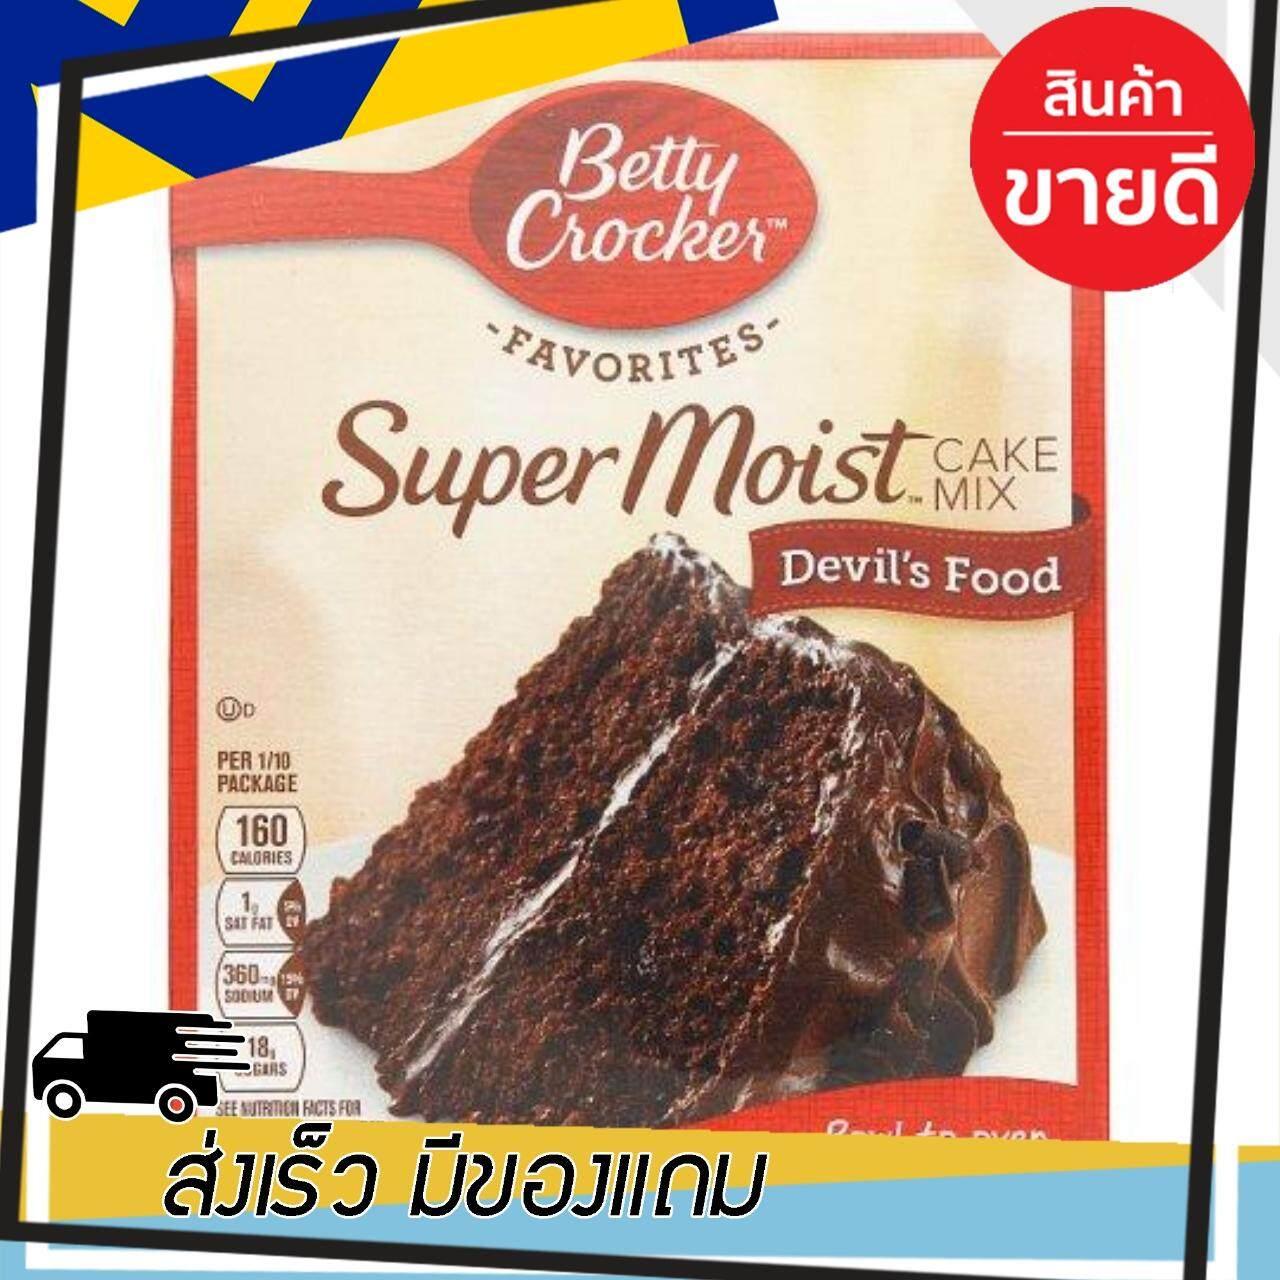 ((พร้อมส่ง)) เบตตี้ คร็อกเกอร์ ซูเปอร์มอยส์ เดวิลส์ฟู้ด แป้งสำหรับทำขนมเค้ก 432กรัม ส่วนผสมสำหรับทำขนม เนย มาการีน เยลลี่ เจลาติน ขนมหวาน แป้ง น้ำตาลสำหรับทำขนม ผลิตภัณฑ์แต่งหน้าขนม ส่วนผสมขนม ของแท้ 100% ราคาถูก